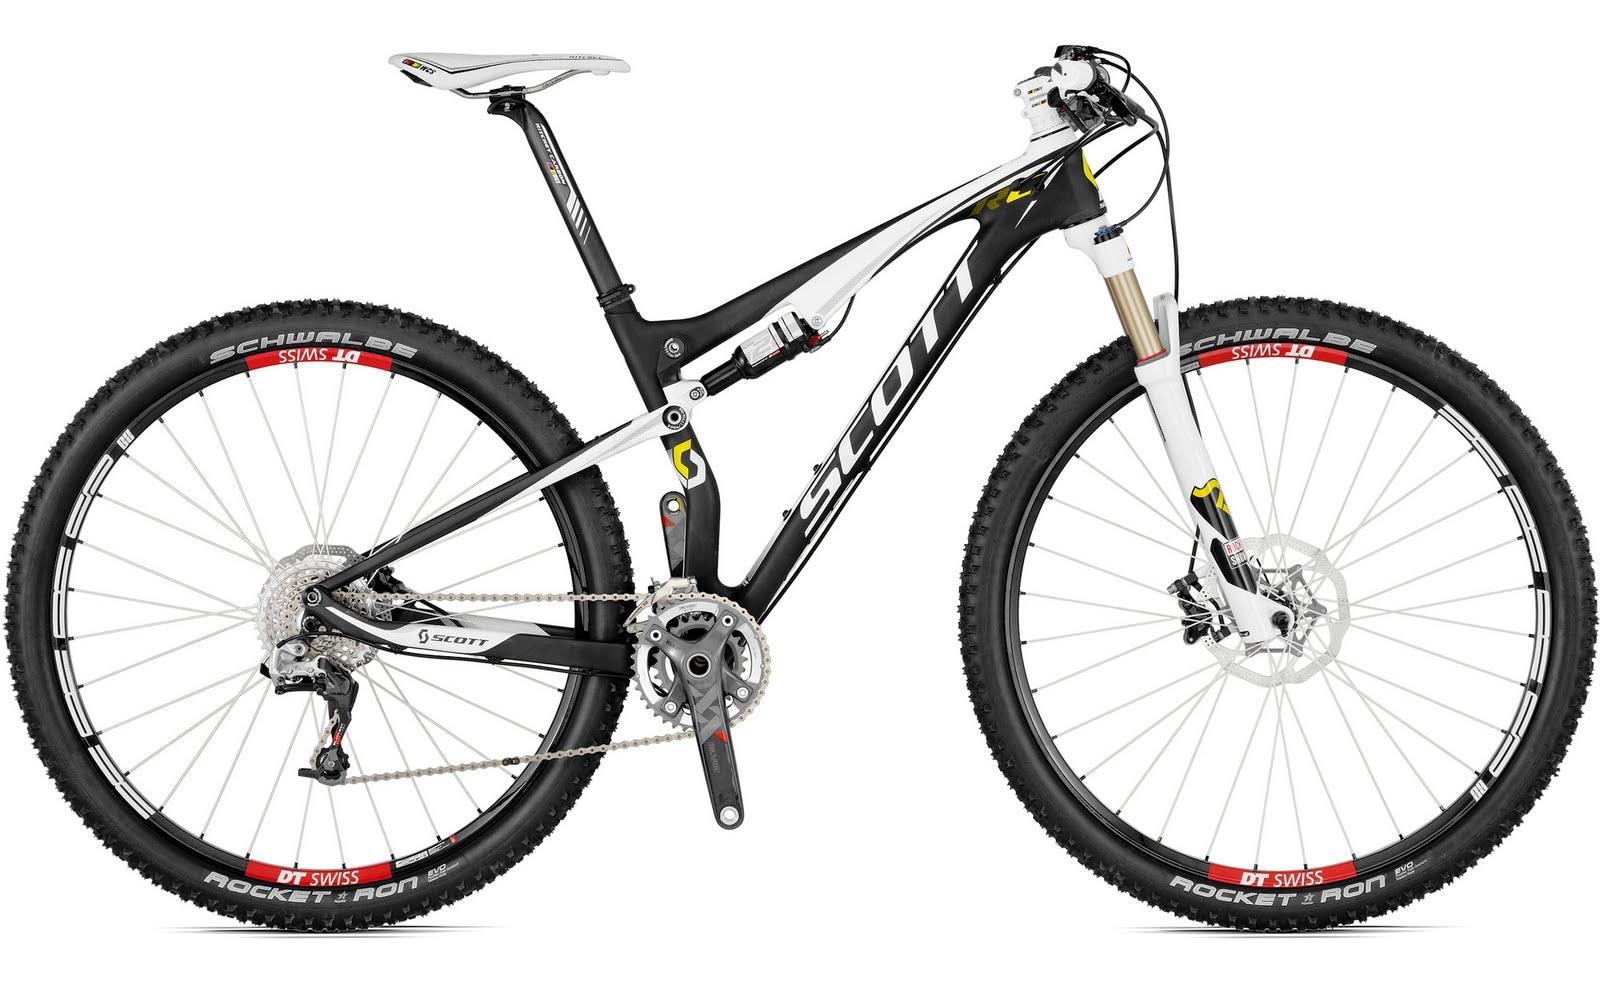 Per Kumlin's Mountainbike blogg: Scott Spark 2012 29 tummare